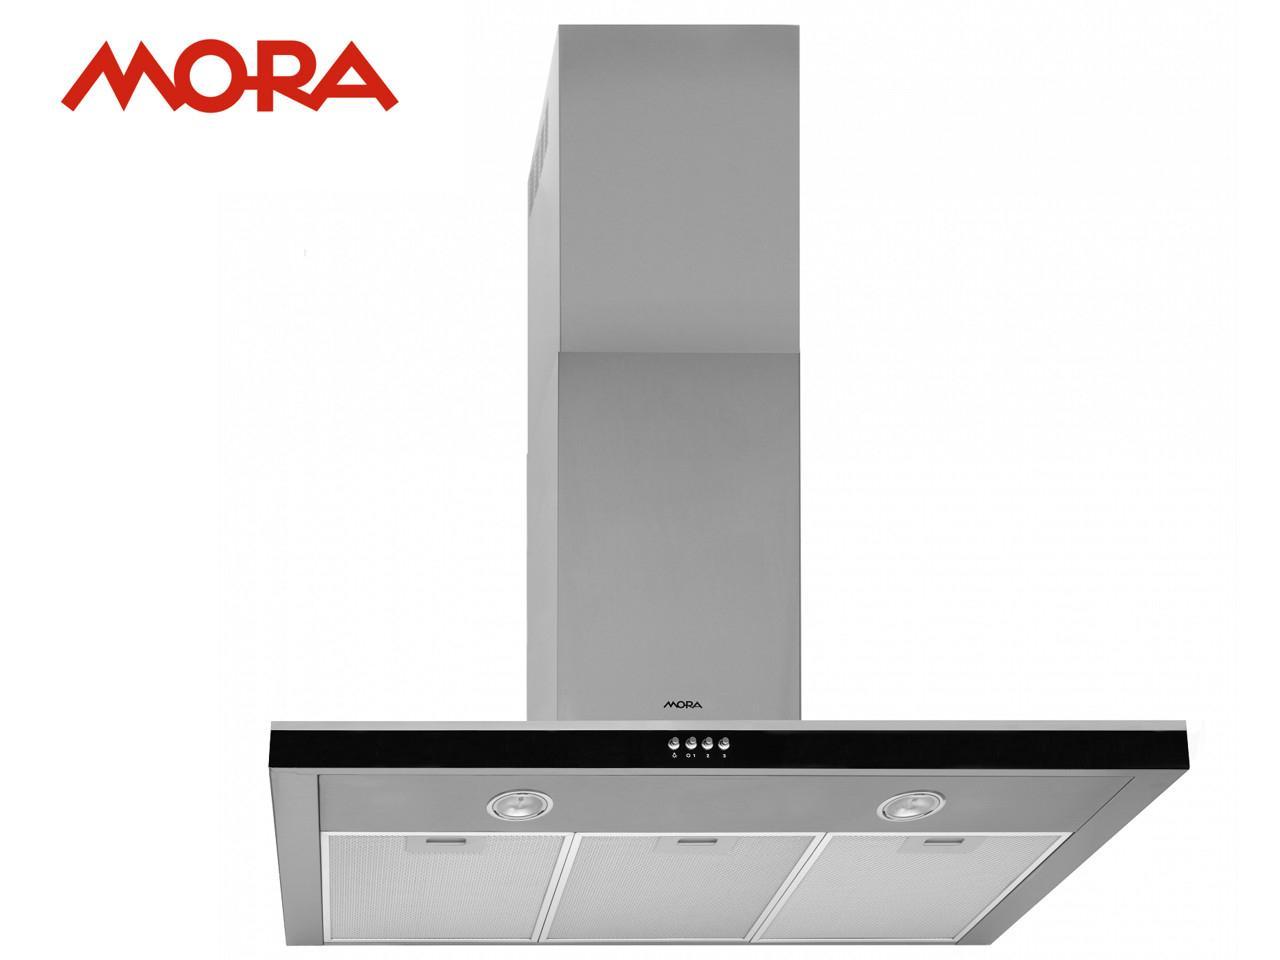 MORA OK 935 GX + 200 Kč na dárky nebo další nákup | CHAT on-line podpora PO-PÁ 8-22.00!!